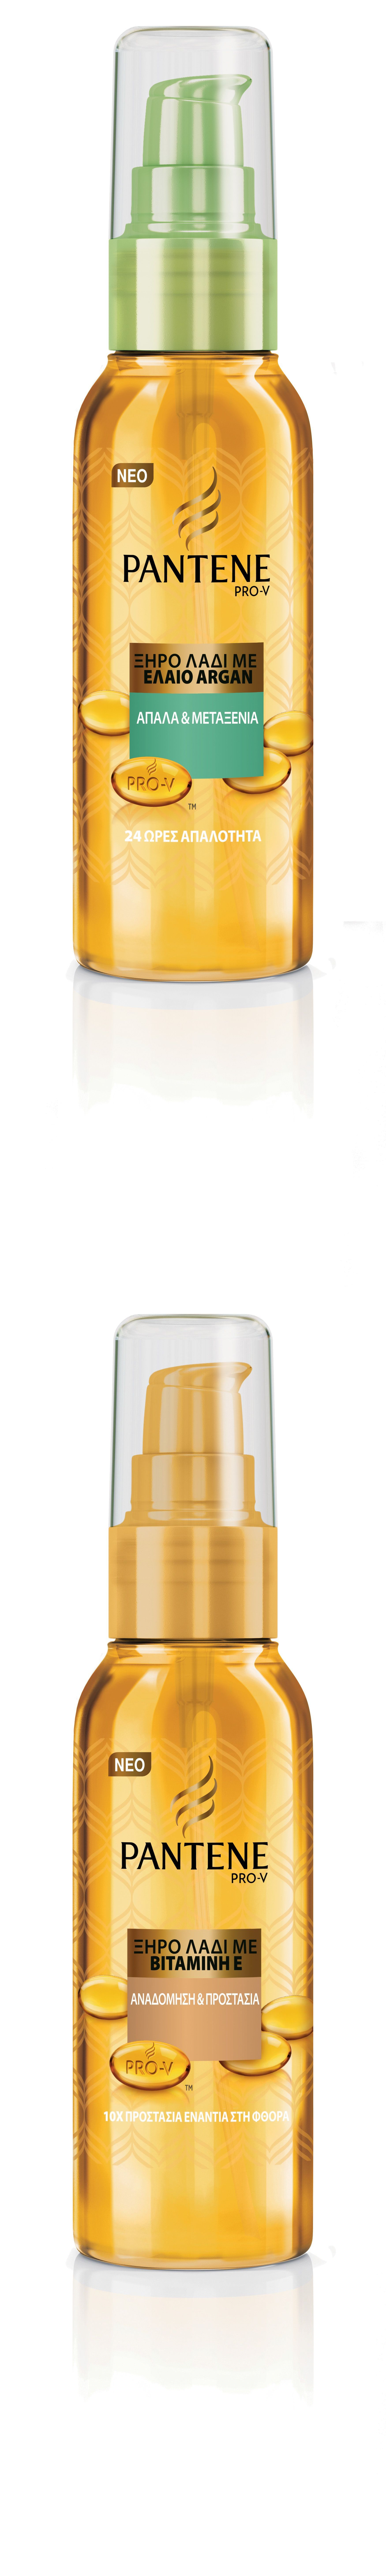 pantene dry oil v